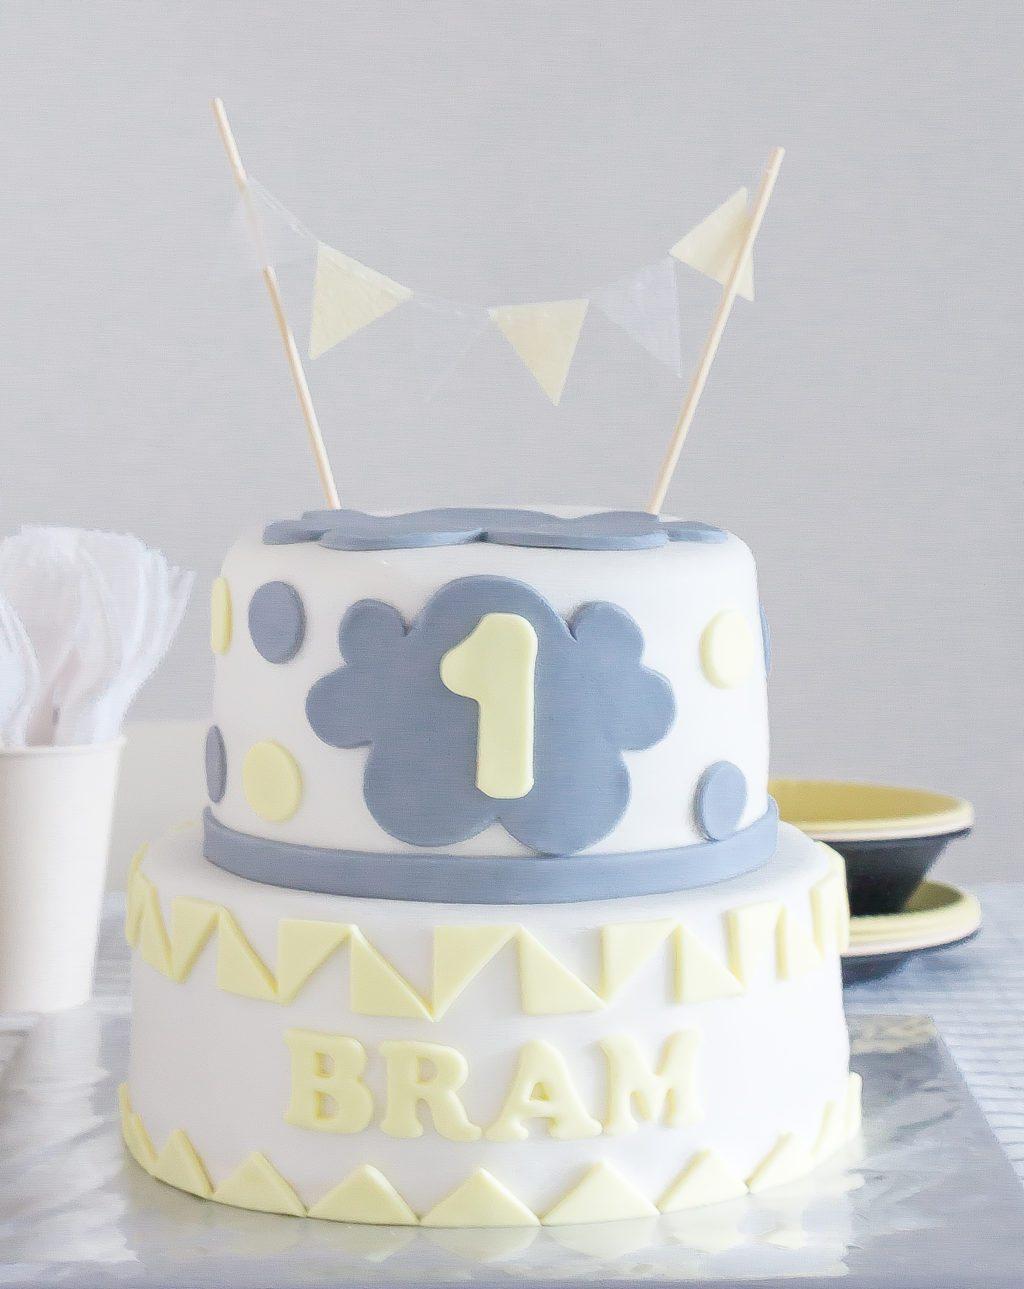 1 jaar taart Personal: Bram 1 jaar & een ouwe taart verhaal   &SUUS 1 jaar taart